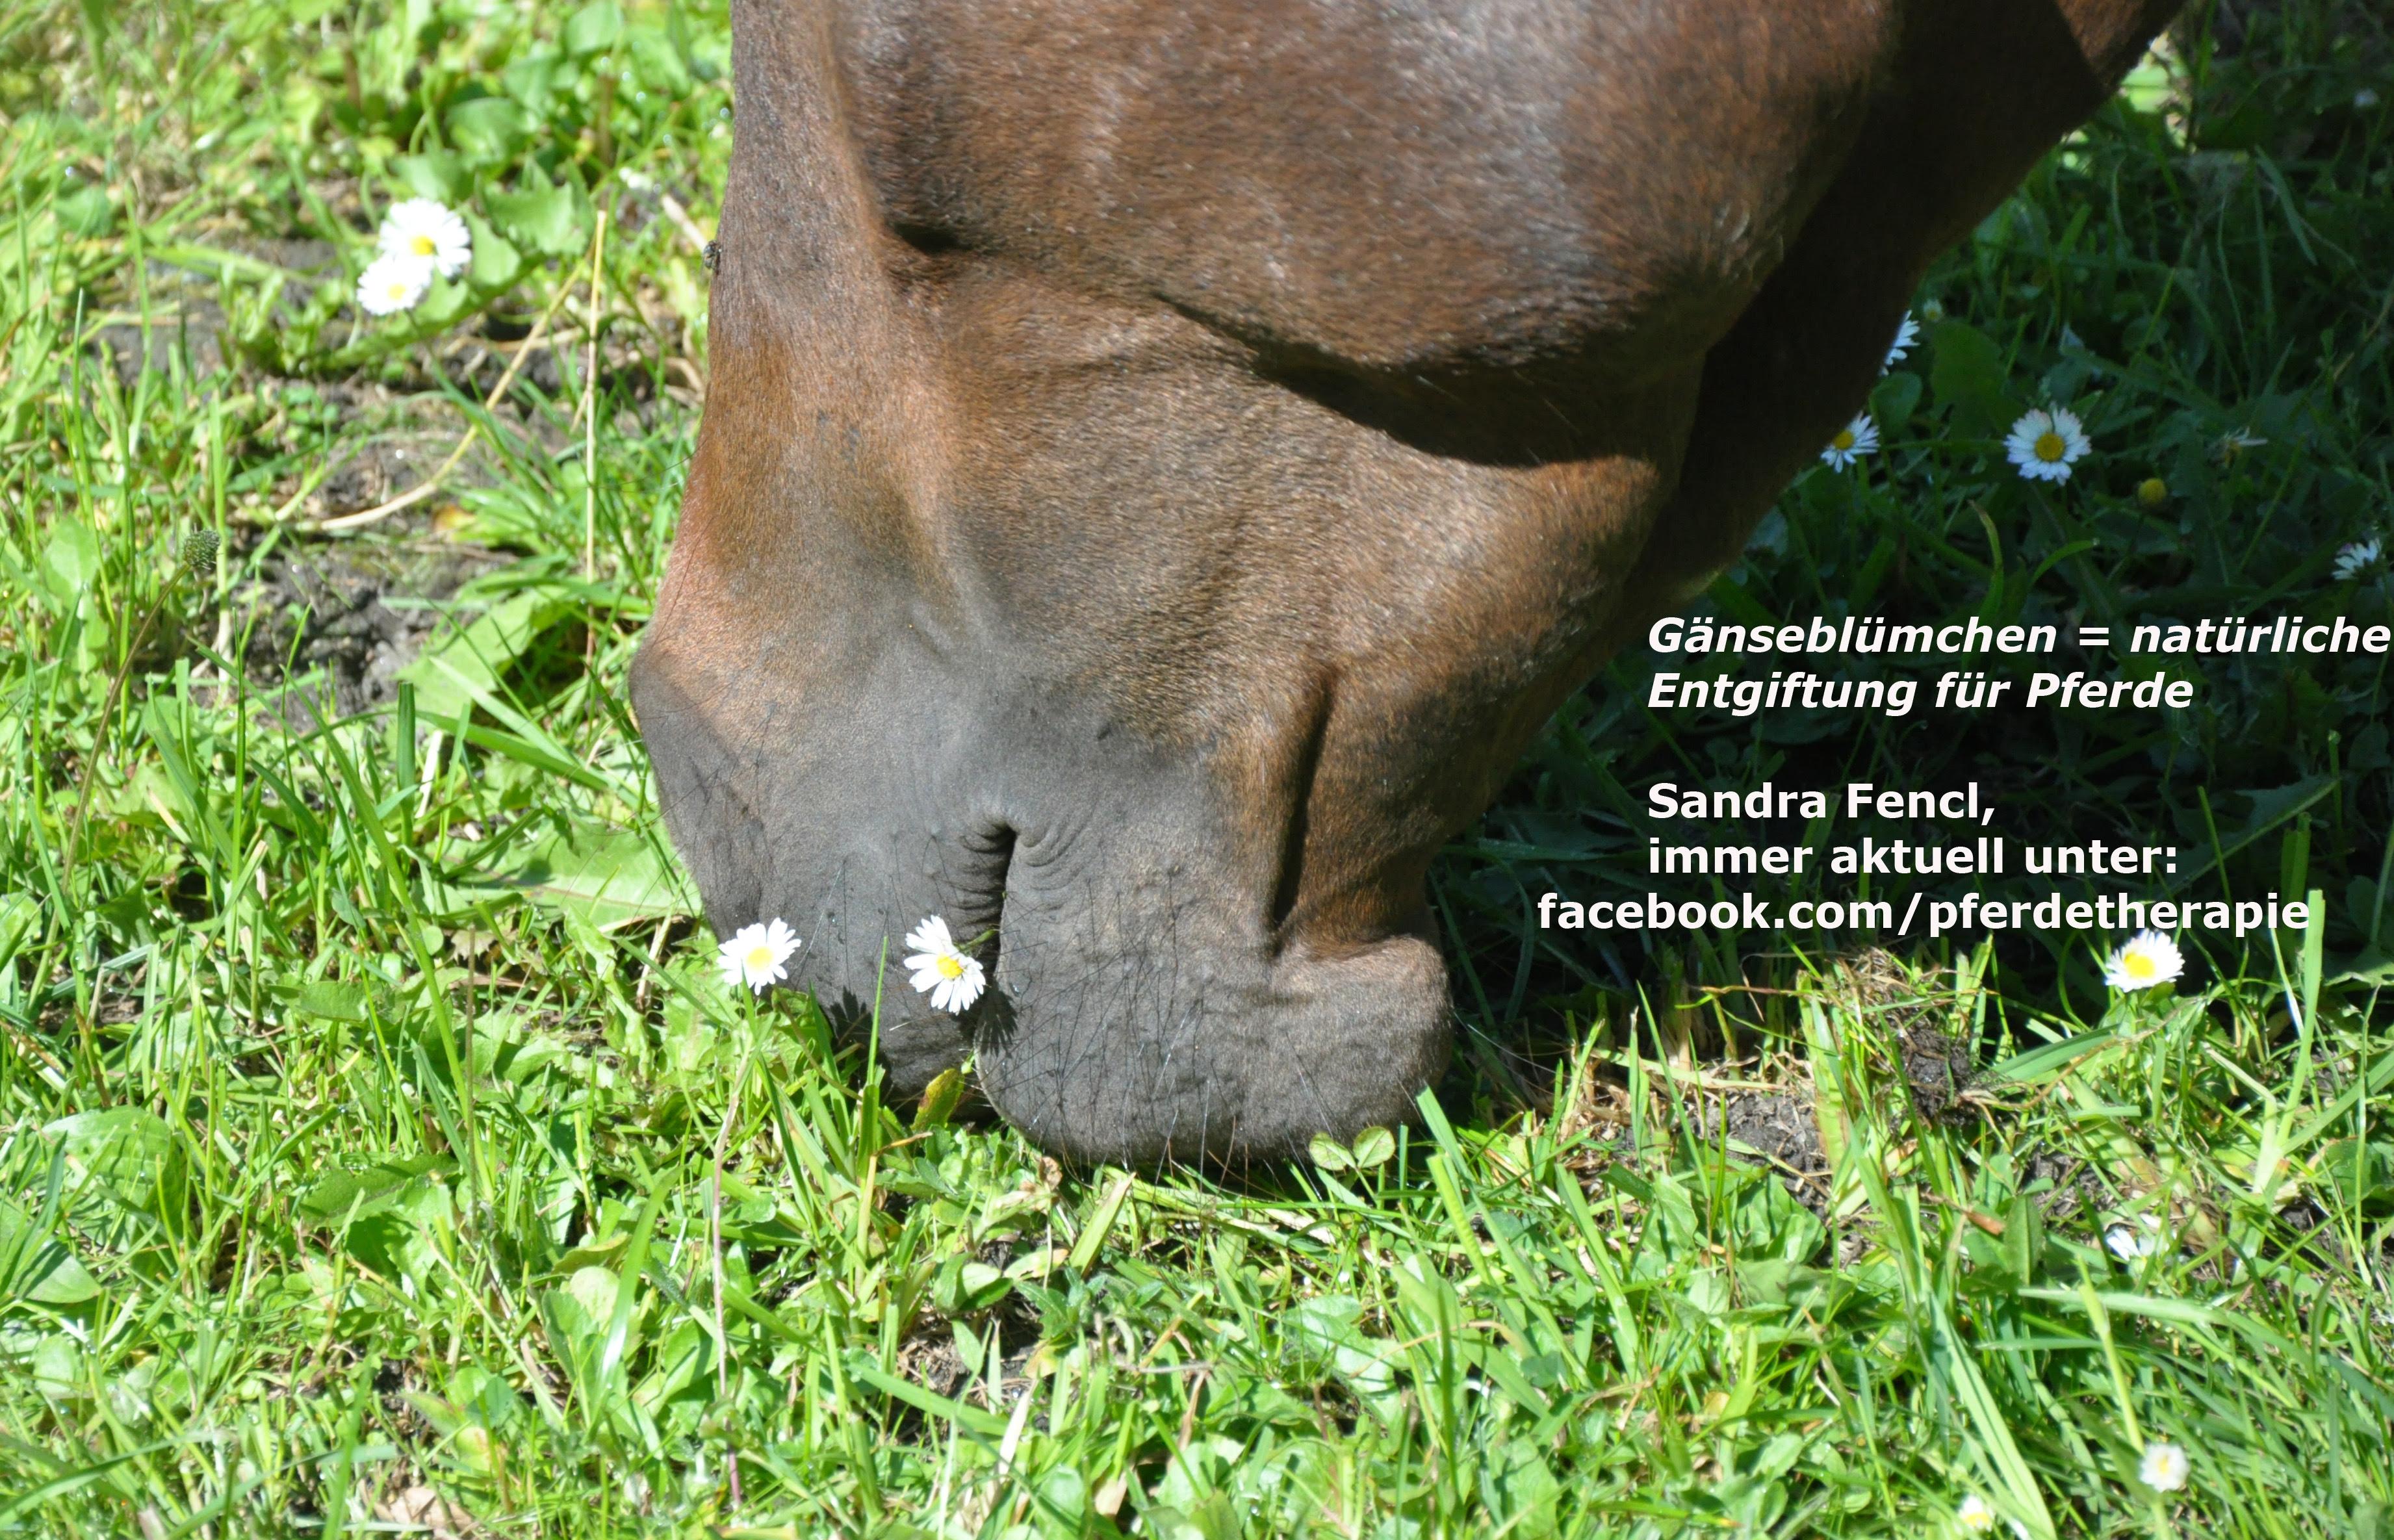 Gänseblümchen - natürliche Pferde-Entgiftung